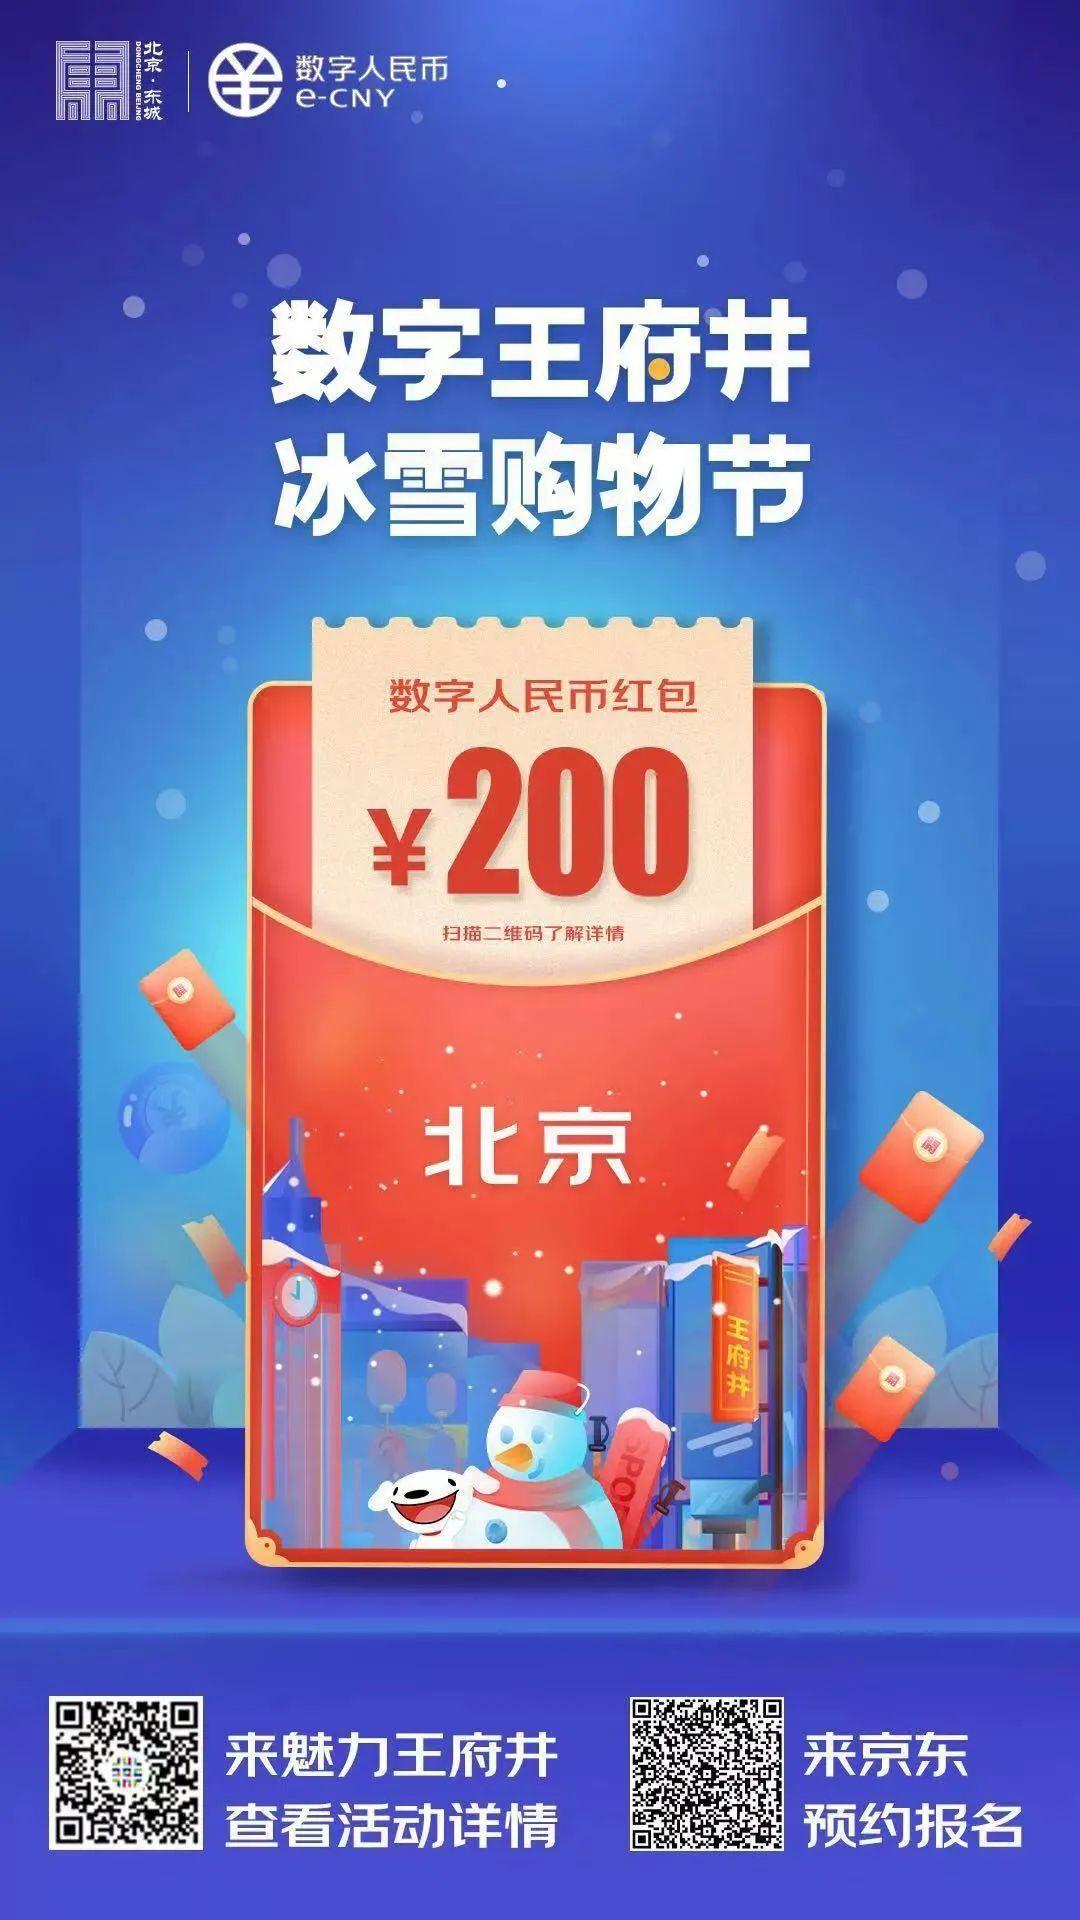 北京数字人民币红包也来了:总额1000万 在京人民抓紧申请|外汇投资公司